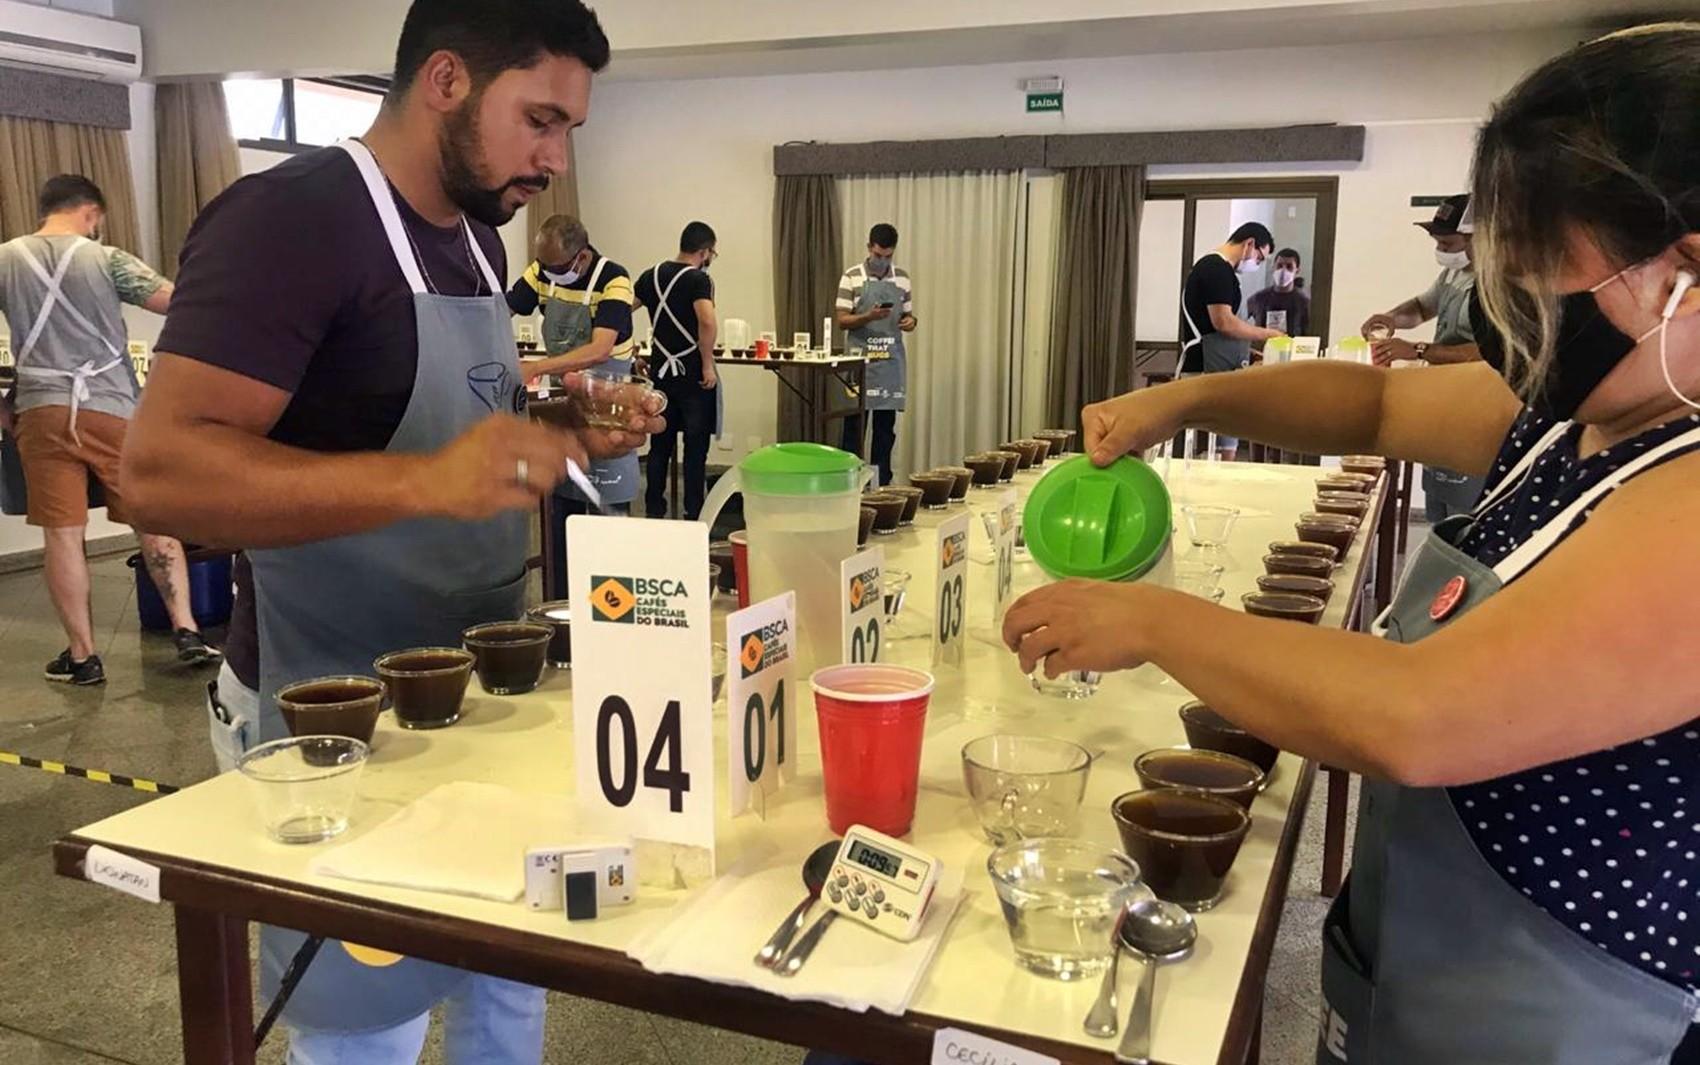 Concursos de qualidade de cafés destacam trabalho das mulheres e incentivam reconhecimento internacional dos grãos brasileiros